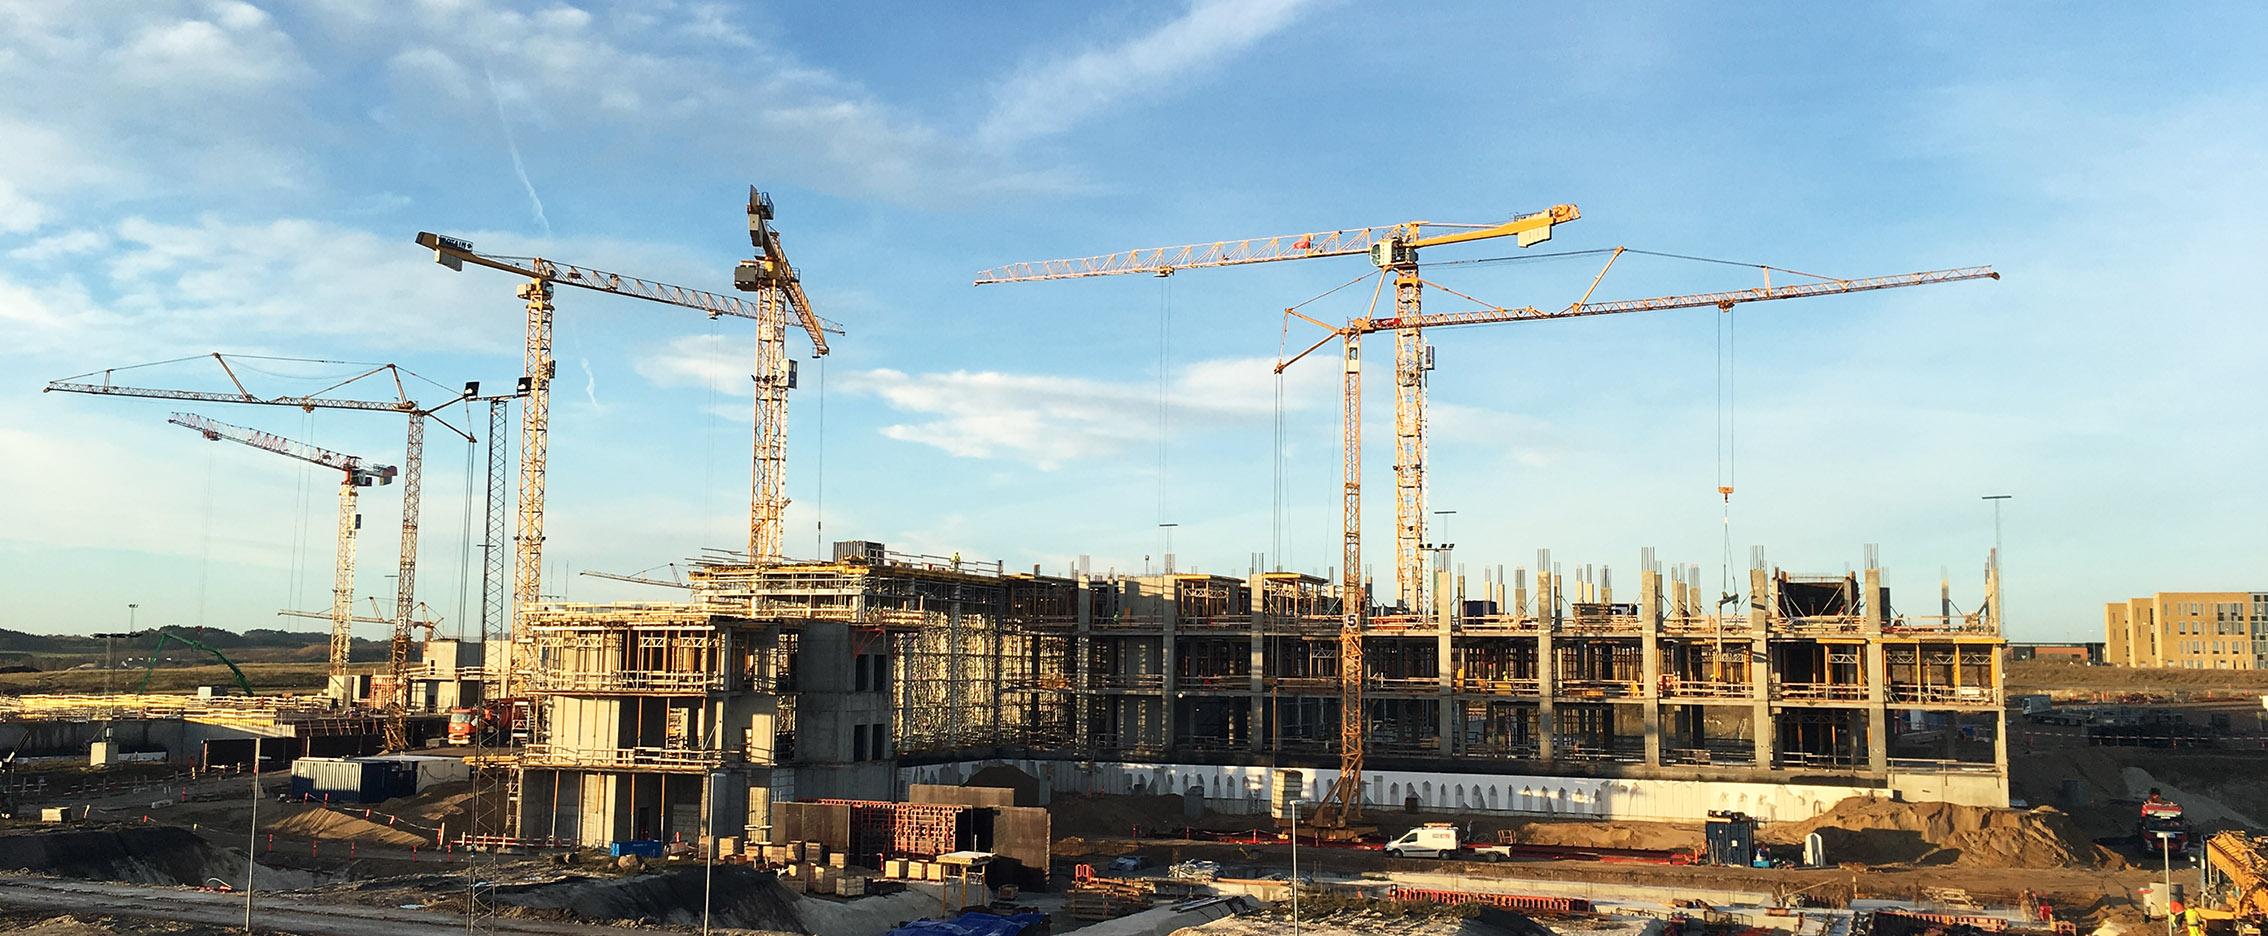 Cranes on a contruction site.